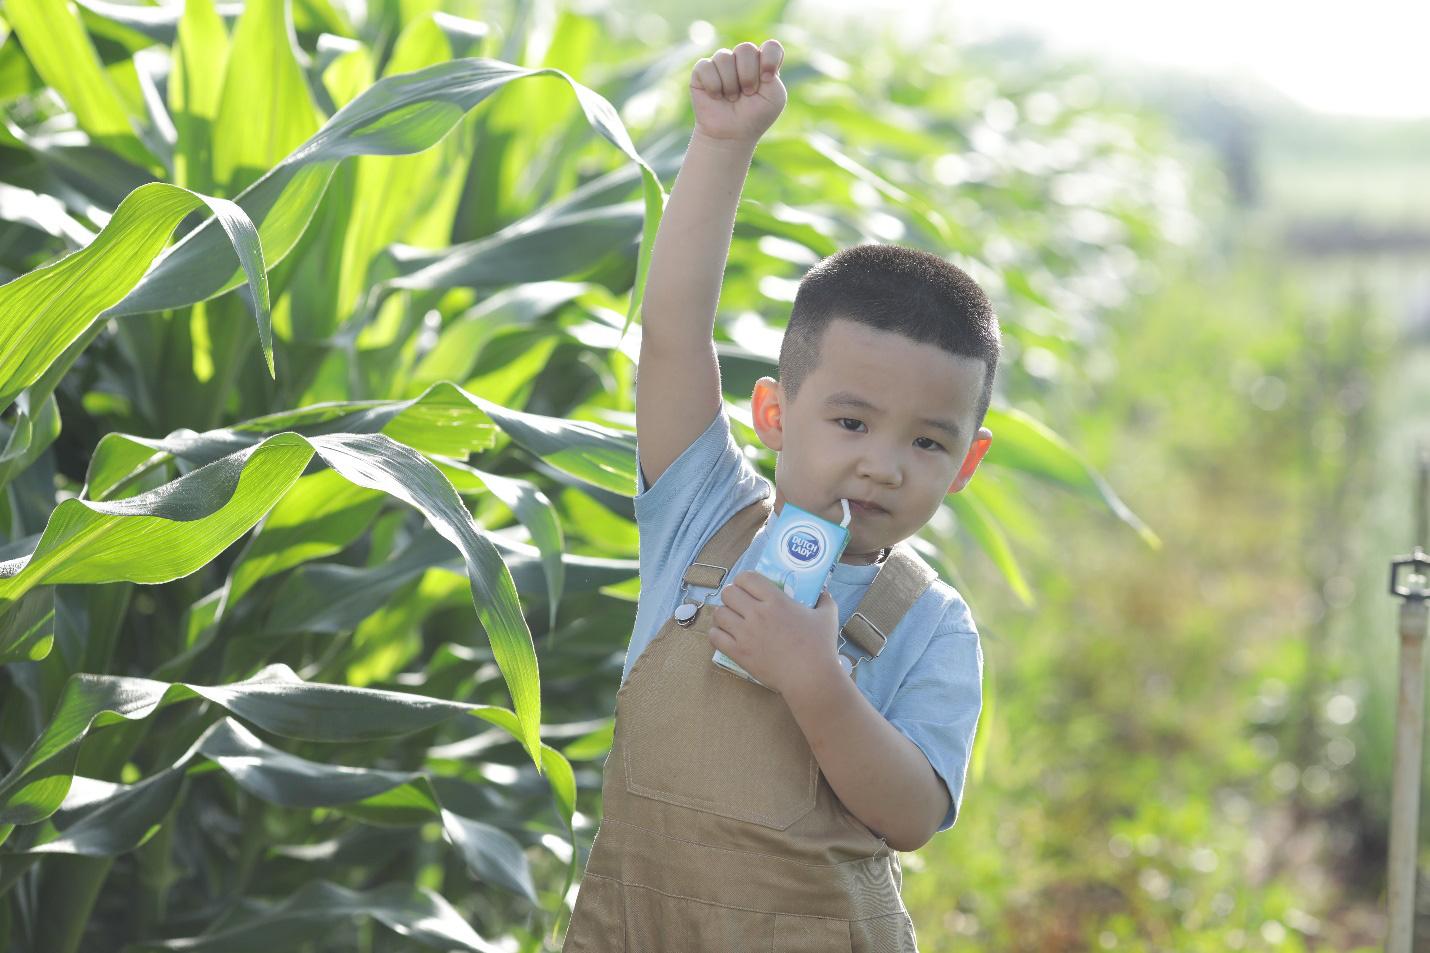 Theo chân nhiếp ảnh gia nổi tiếng: Bất ngờ trước nỗ lực sản xuất dòng sữa chuẩn Hà Lan của nhiều thế hệ nông dân Việt - Ảnh 8.